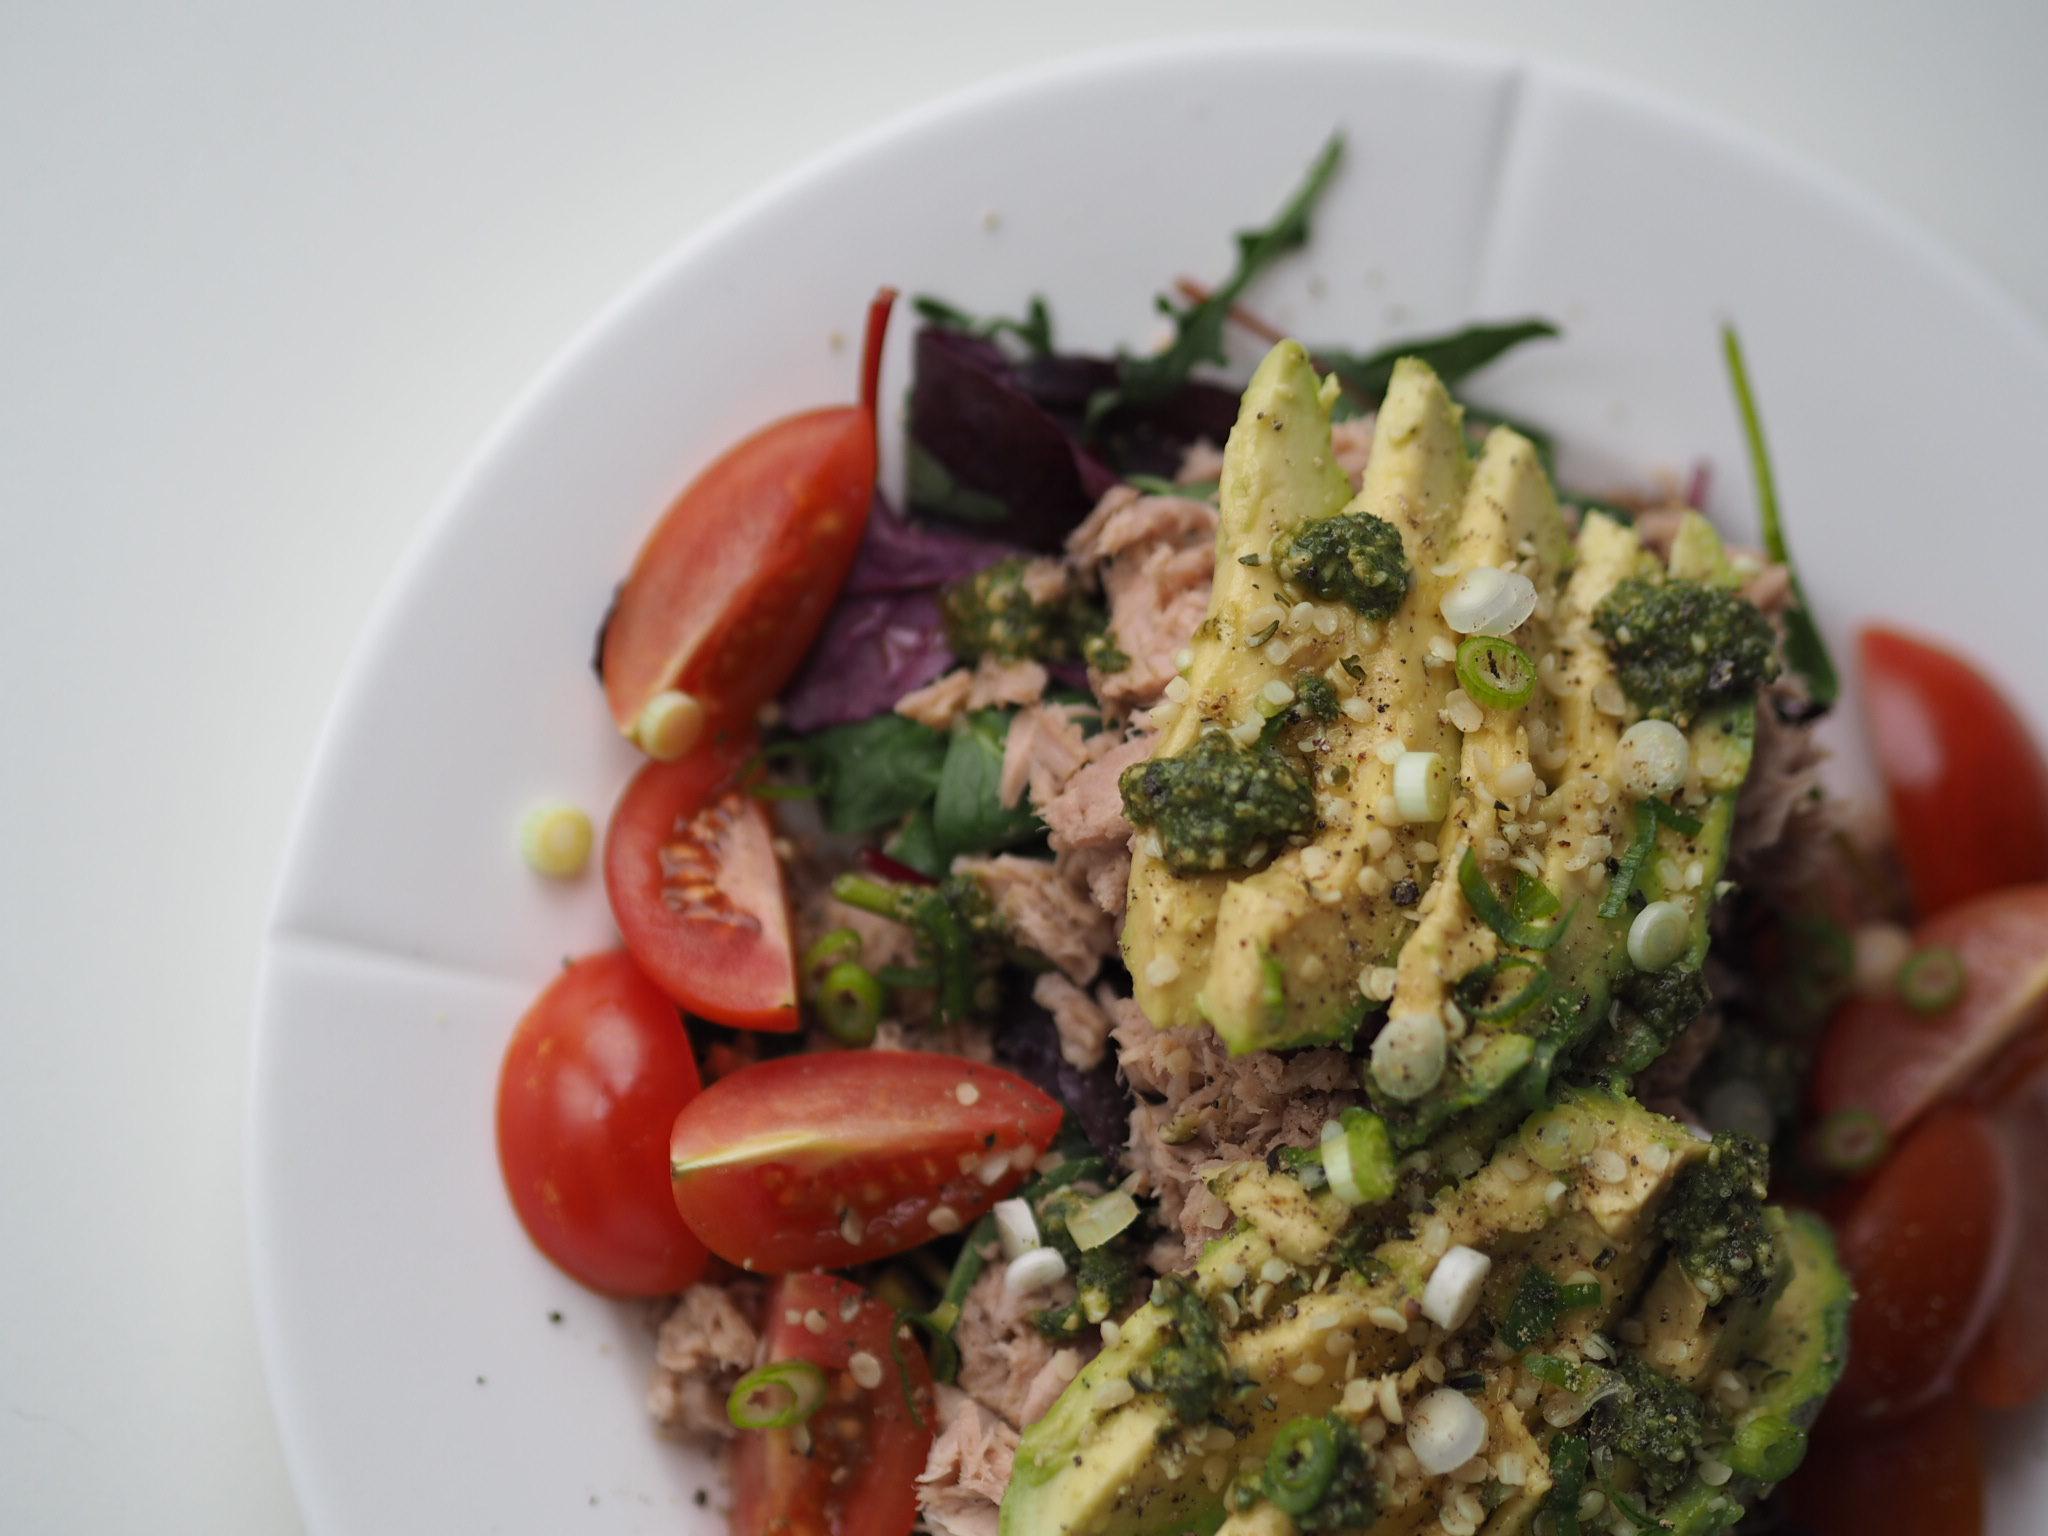 Avokadomad med tun, hytteost, grønt og pesto